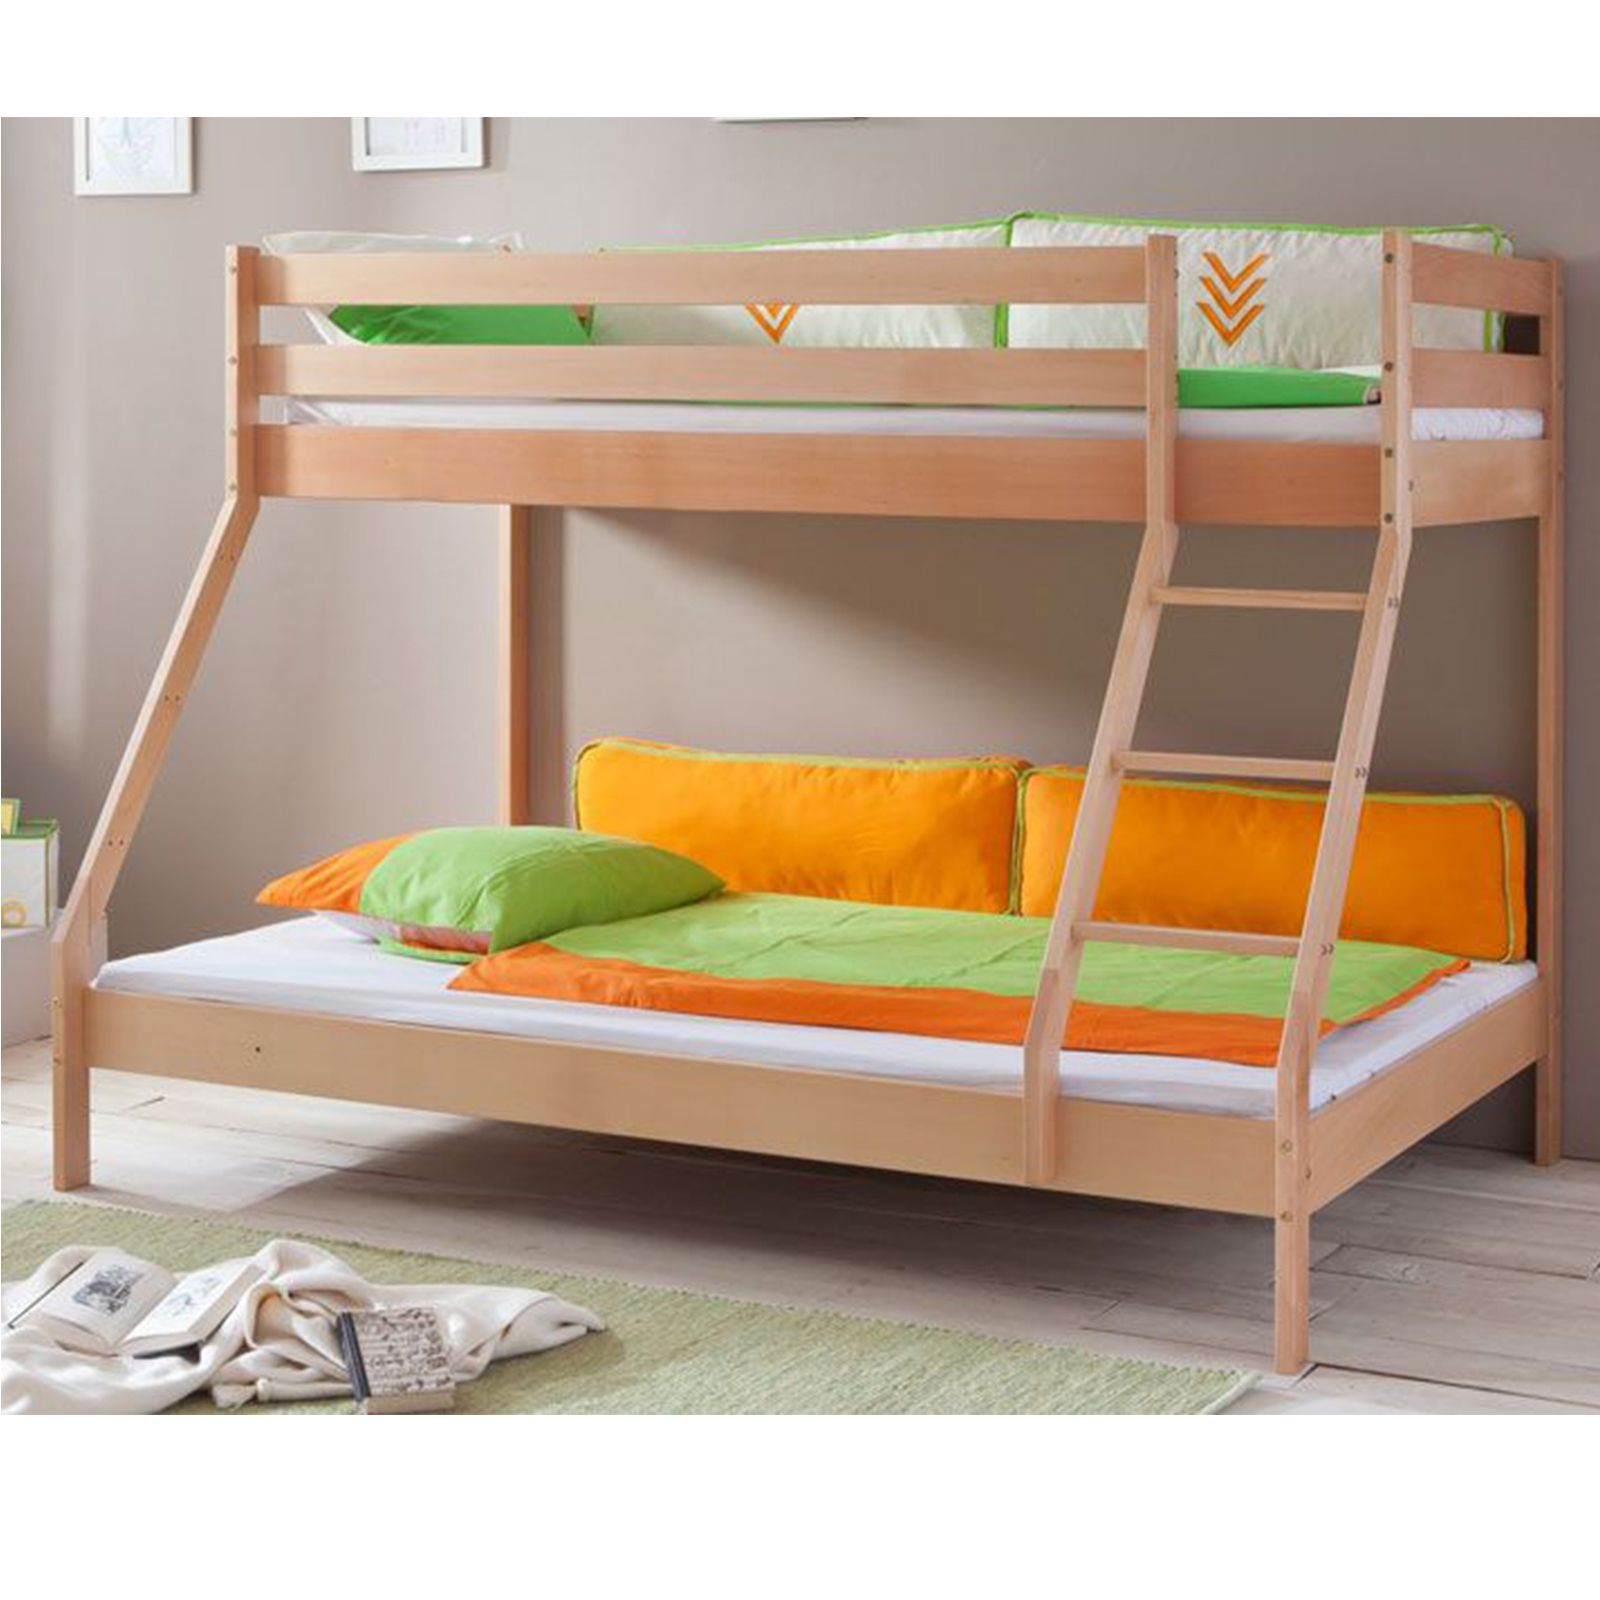 Pin von Schnappermöbel auf Babyzimmer / Kinderzimmer